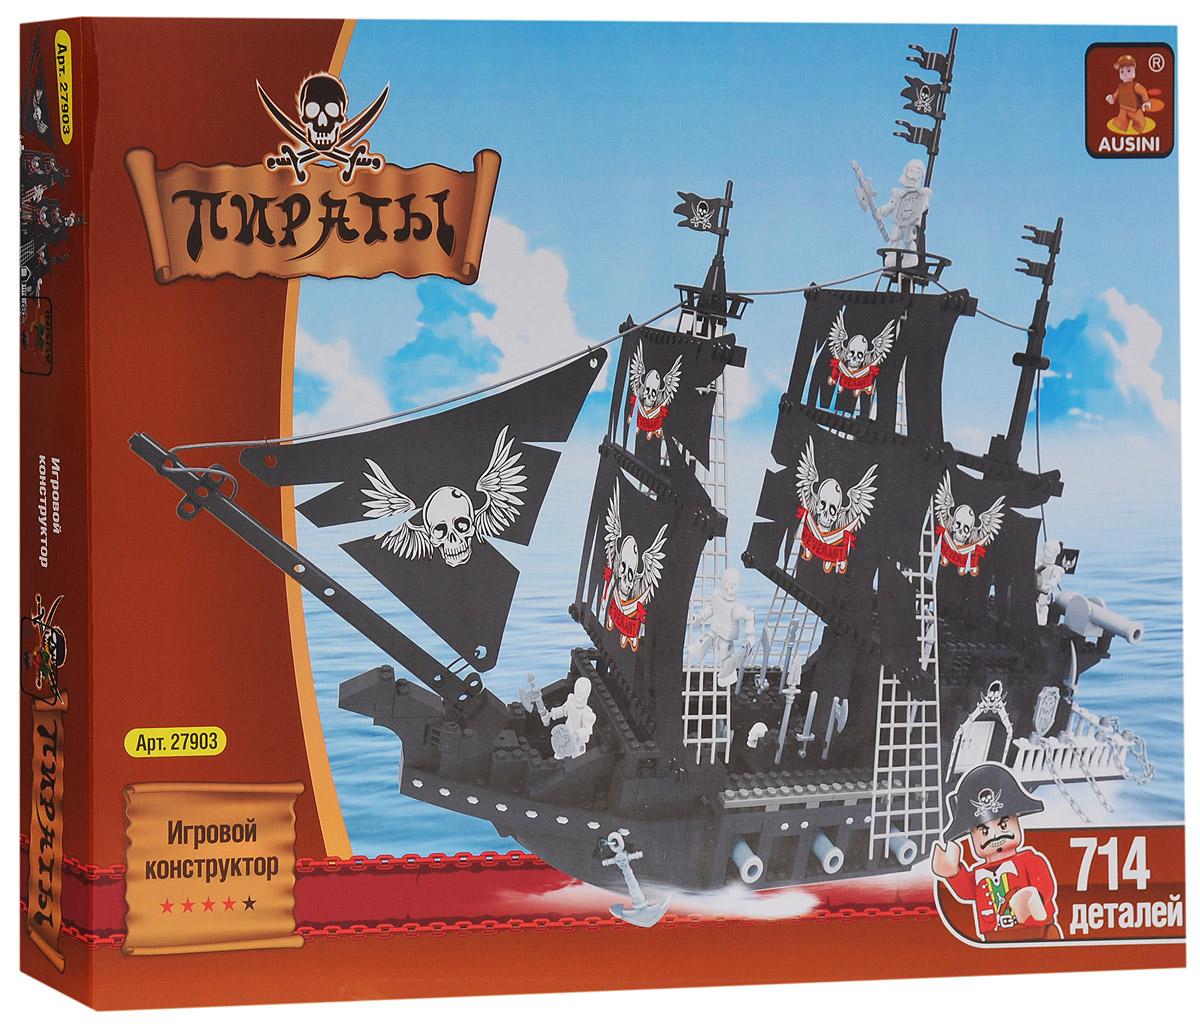 Ausini Конструктор Пиратский корабль27903Конструктор Ausini Пиратский корабль состоит из 714 элементов, с помощью которых ребенок сможет построить пиратский корабль-призрак с командой скелетов (4 фигурки в комплекте). Детали между собой прекрасно скрепляются, а также совместимы с конструкторами других марок. Малыш часами будет играть с этим конструктором, придумывая разные истории и комбинируя детали. Конструктор Ausini Пиратский корабль - это замечательная развивающая игрушка, которая послужит не только в качестве развлечения вашего ребенка, но и поможет ему в совершенствовании таких жизненно важных навыков, как мелкая моторика, тактильное и визуальное восприятие, мышление, воображение, внимательность и усидчивость, а также познакомит его с основами моделирования и конструирования. Совместим с конструкторами Лего.